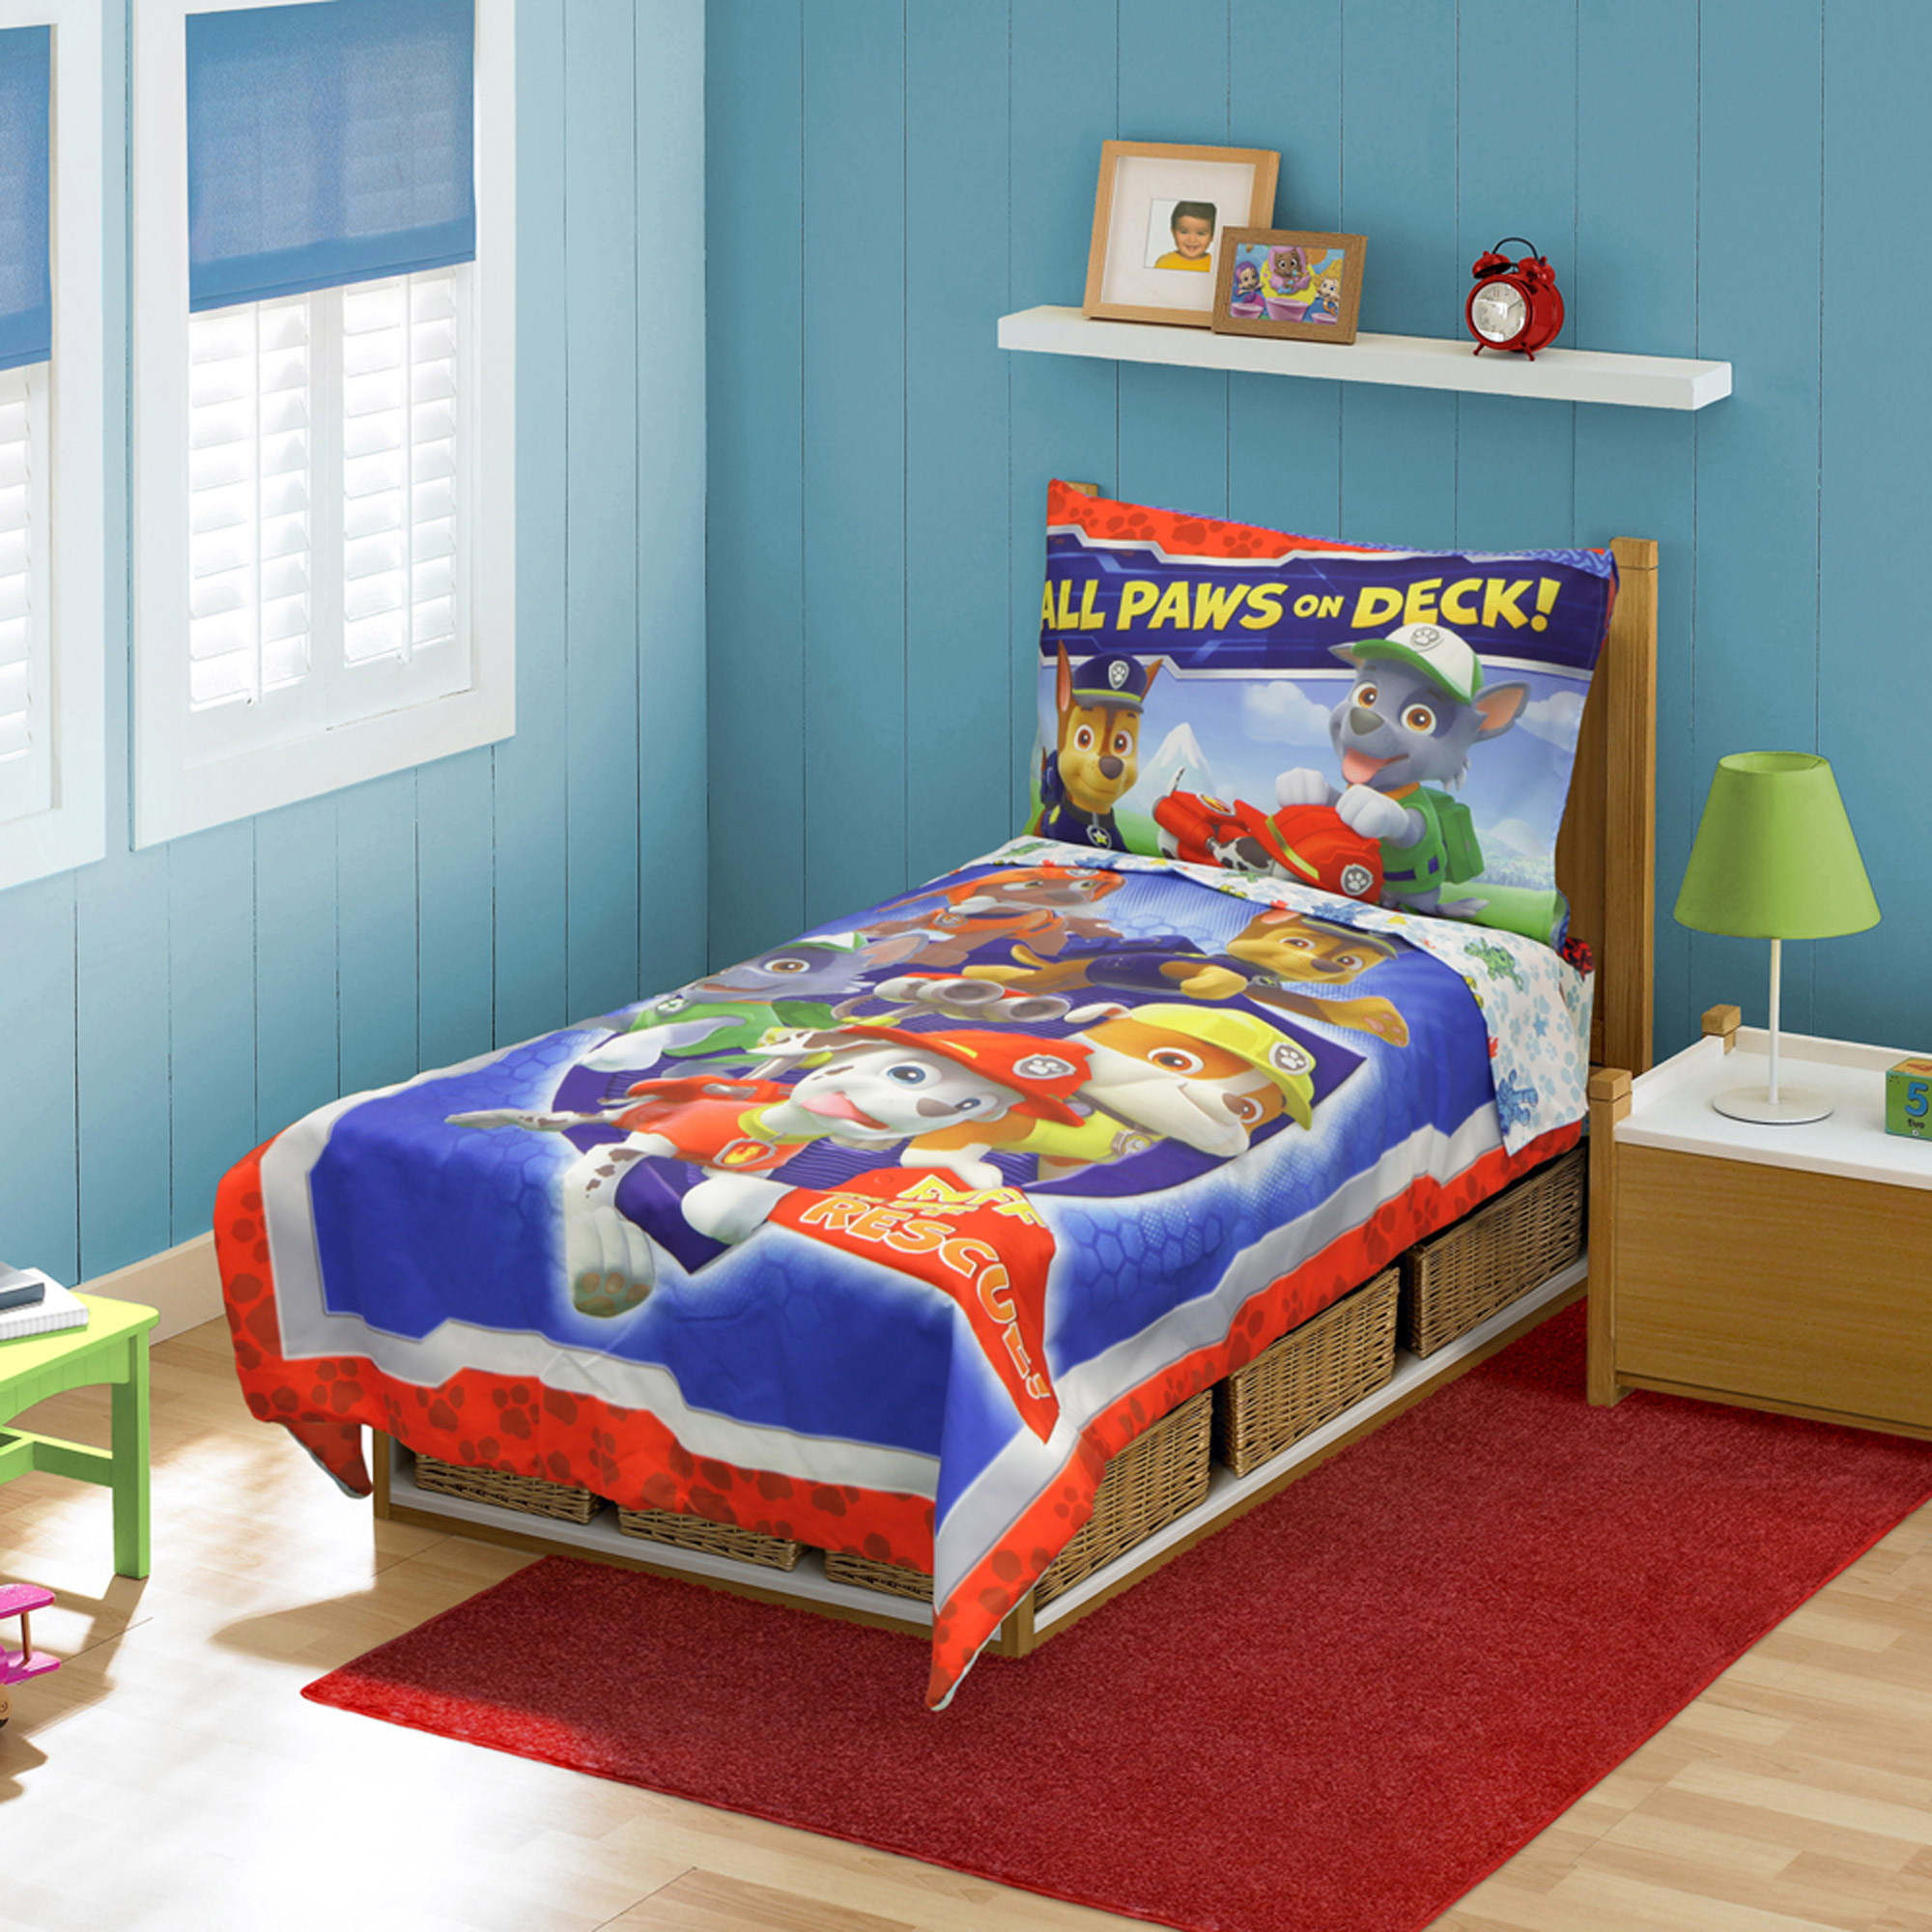 Paw Patrol 4pc Toddler Bedding Set